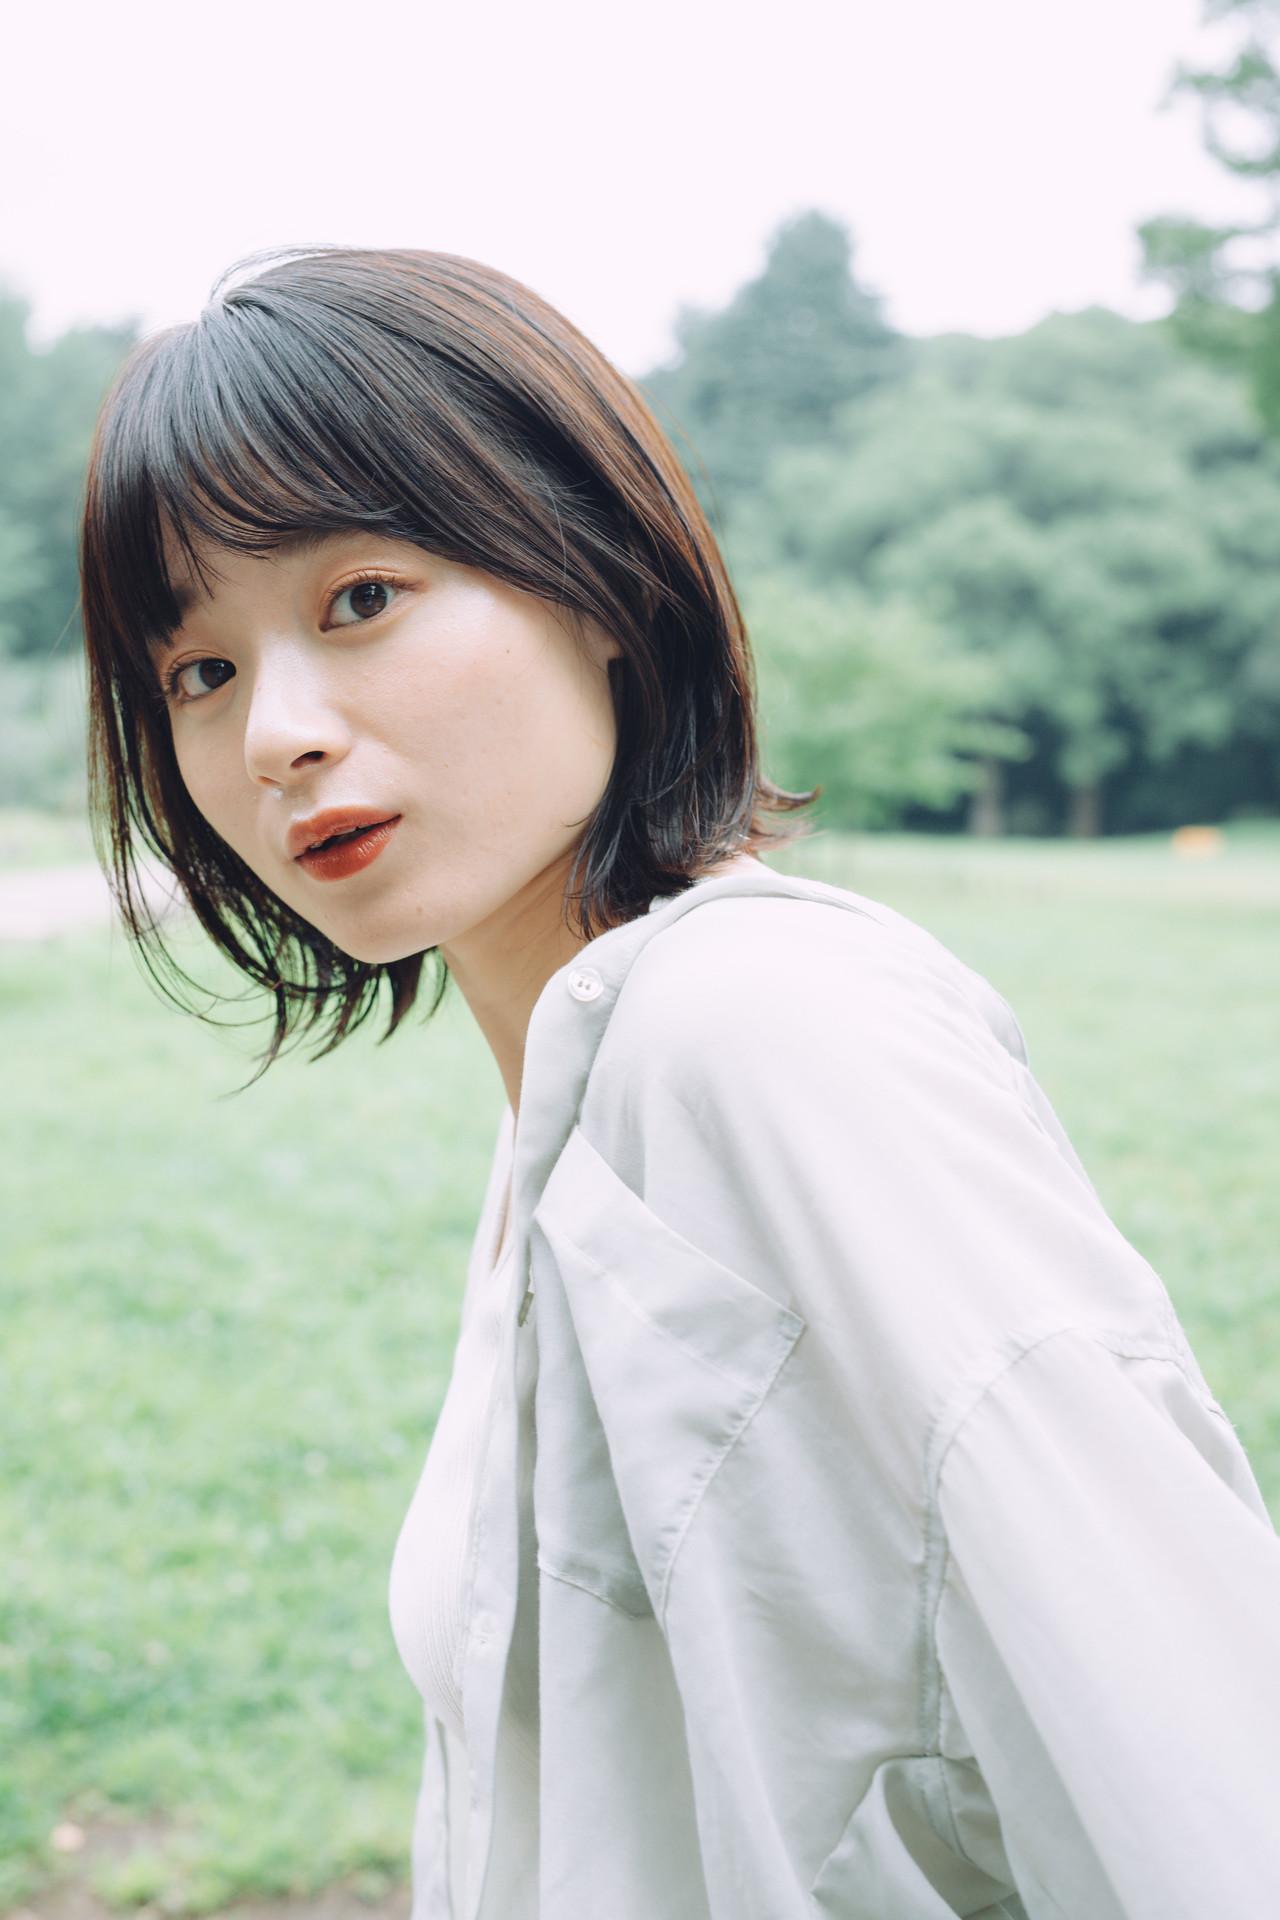 外ハネボブ ナチュラル モテボブ 切りっぱなしボブ ヘアスタイルや髪型の写真・画像 | 児玉善央 / GARDEN harajuku